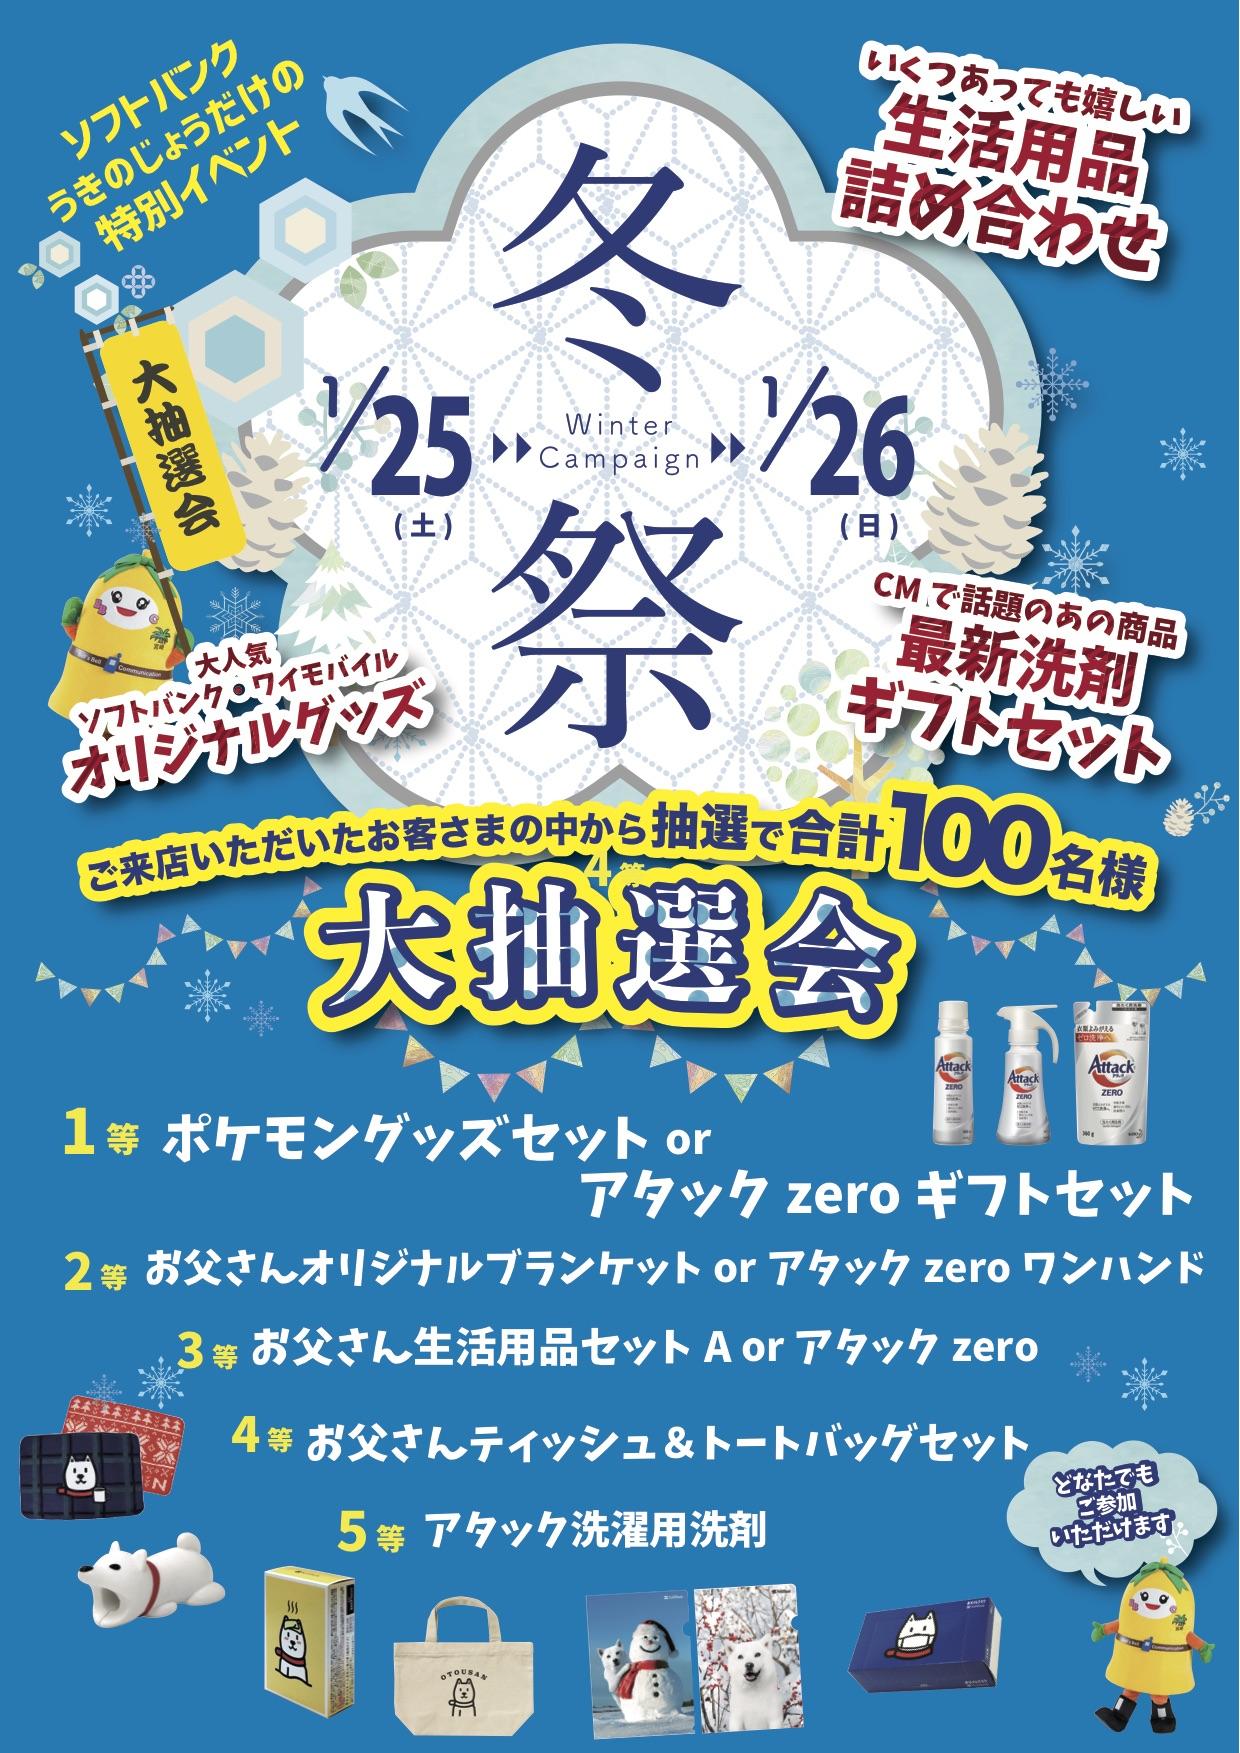 1月25日うきのじょう週末イベント開催イメージ